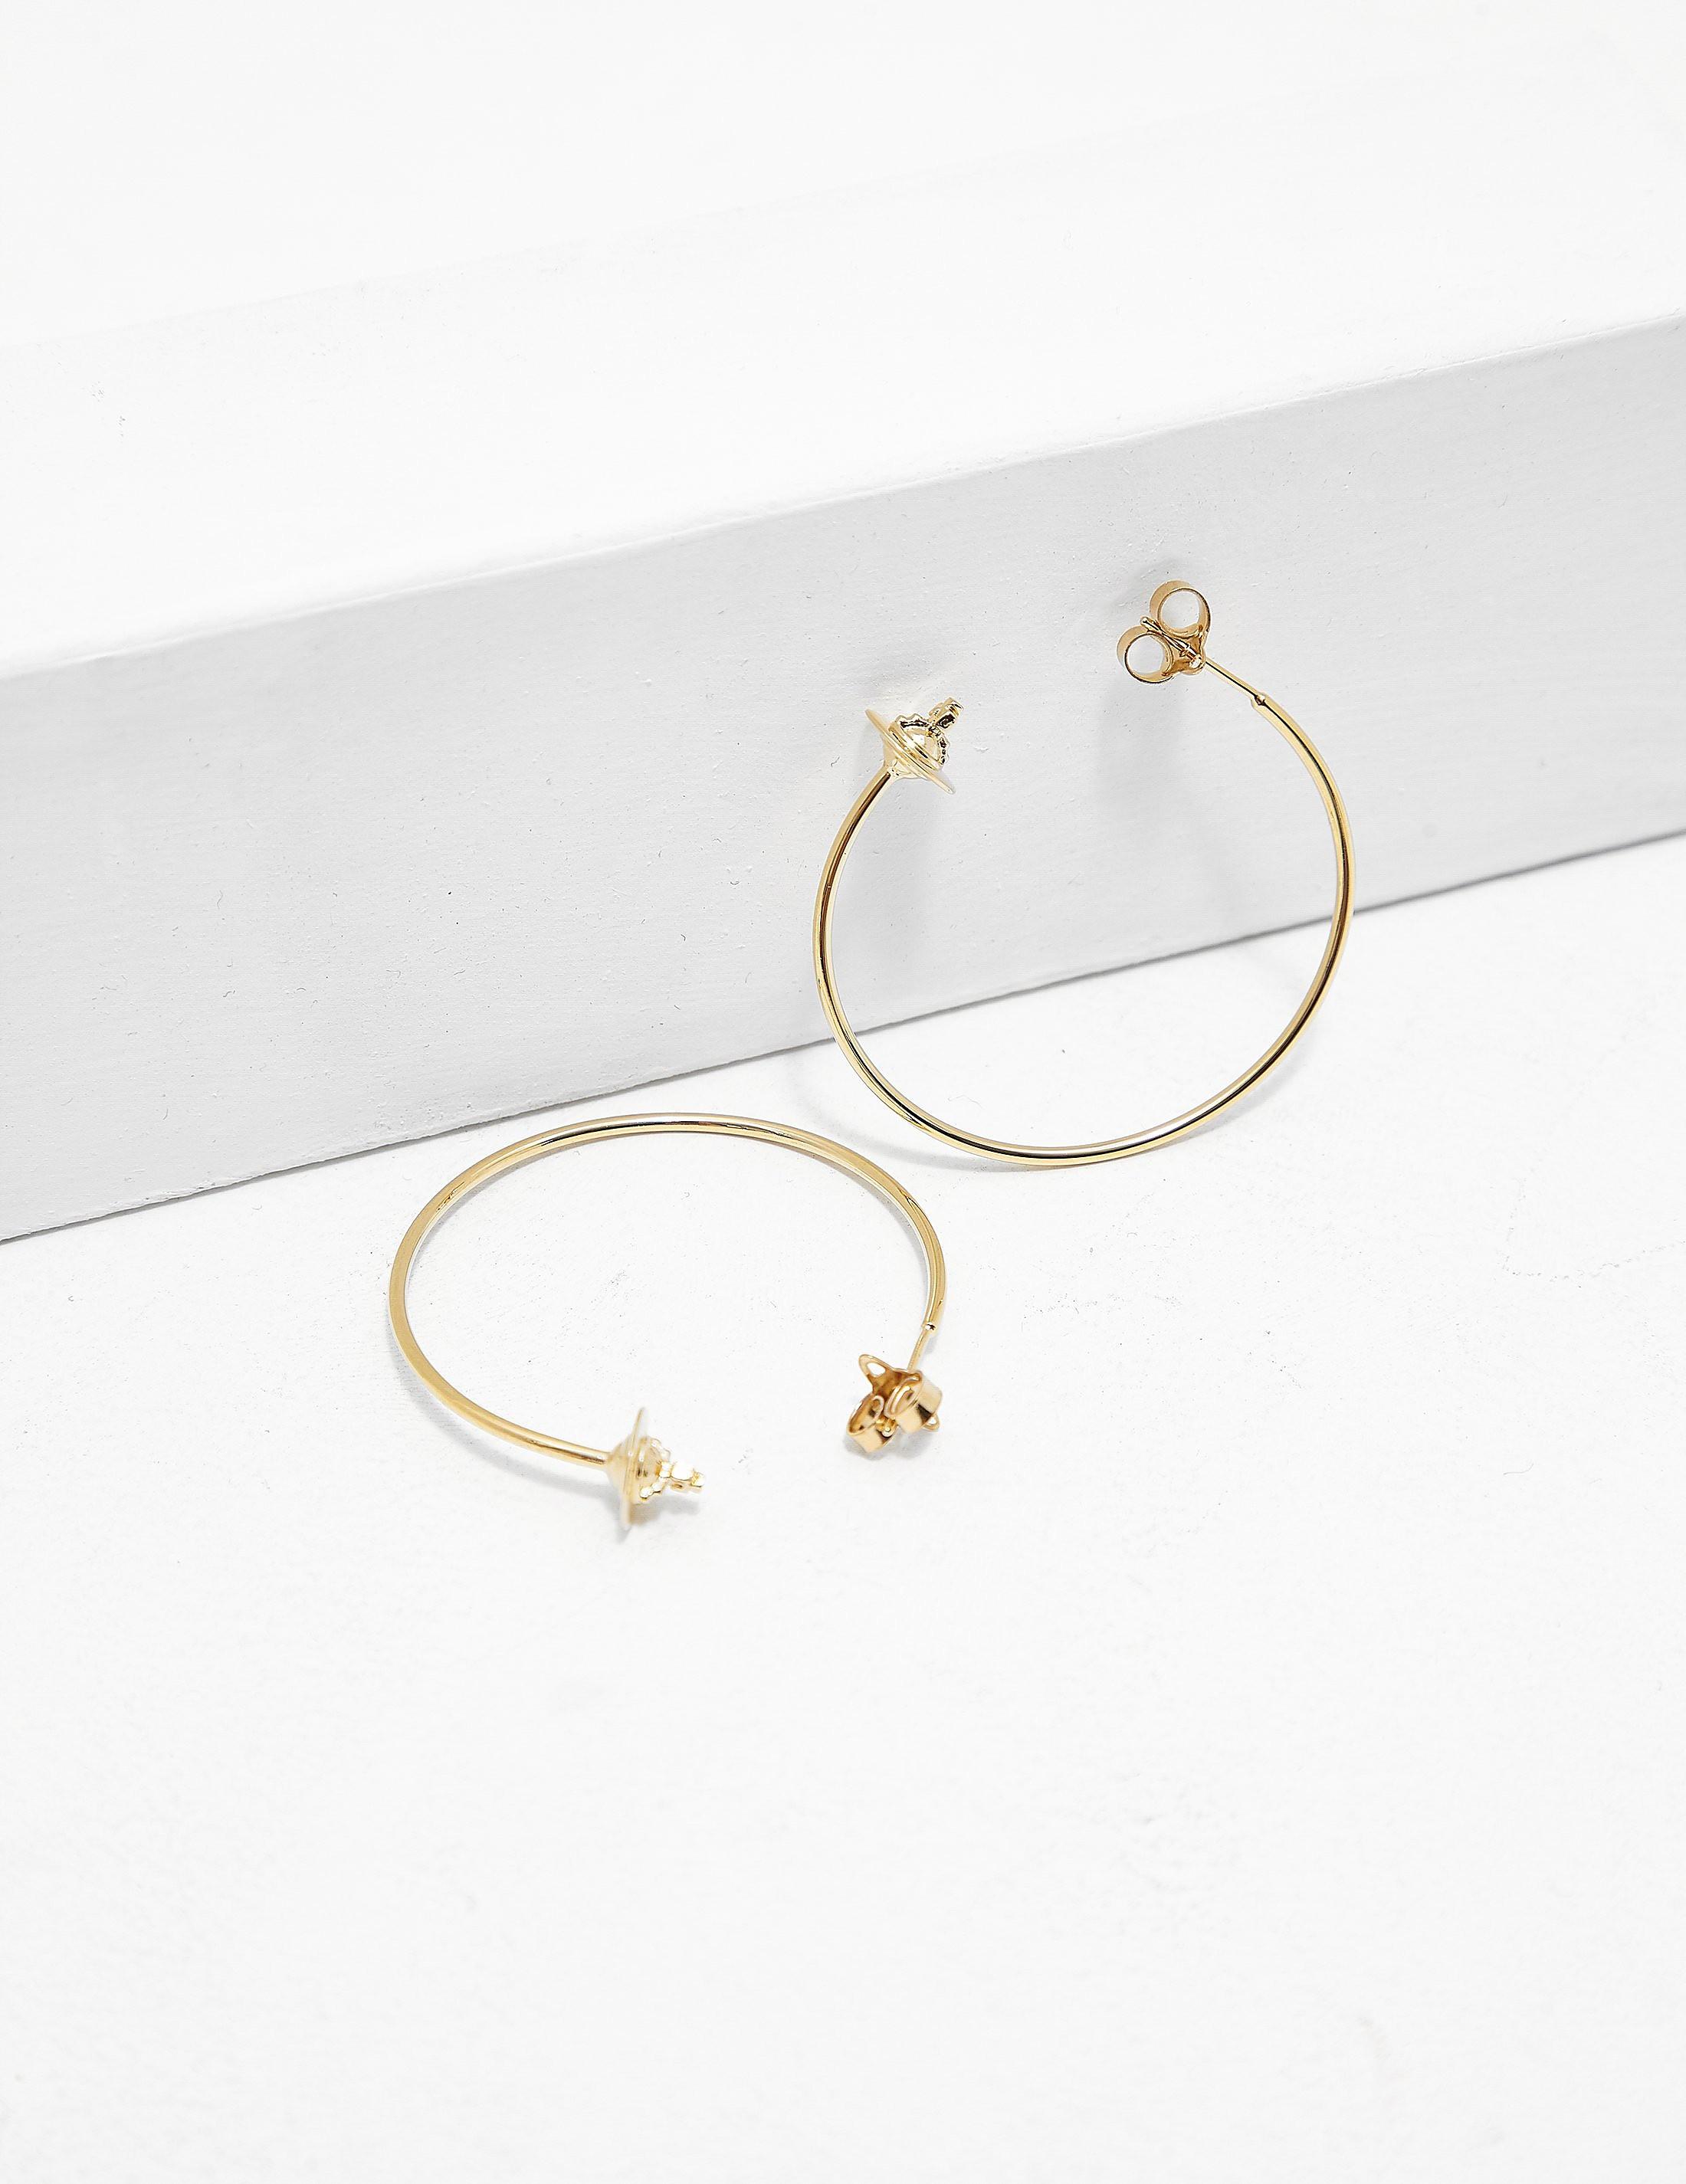 Vivienne Westwood Rosemary Hoop Earrings